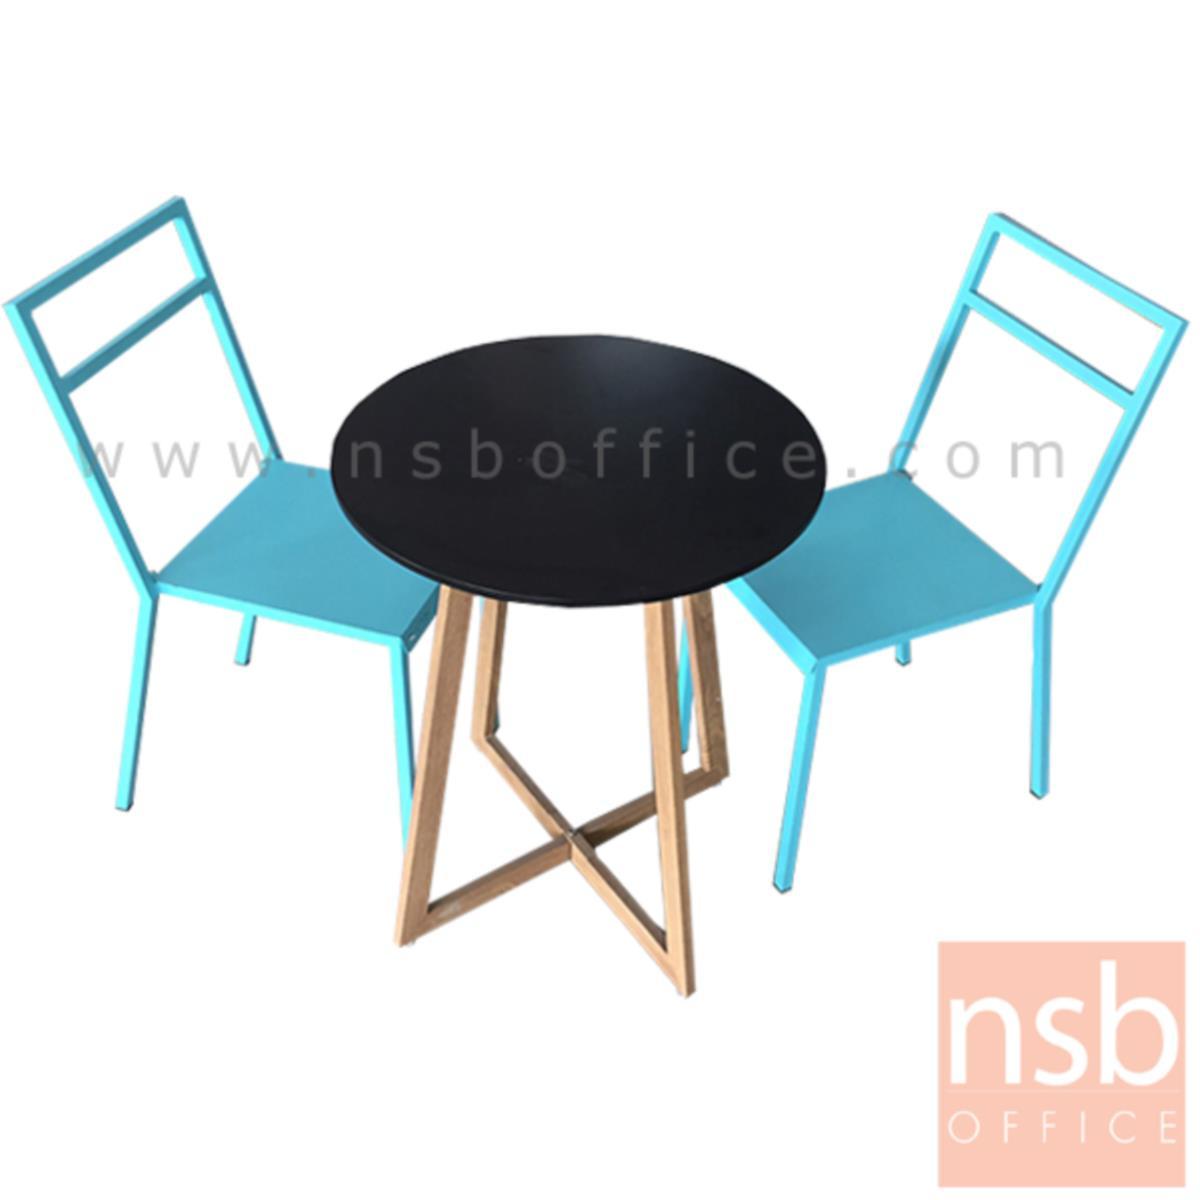 L10A187:ชุดโต๊ะ 2 ที่นั่ง  ขนาด 60Di cm. พร้อมเก้าอี้